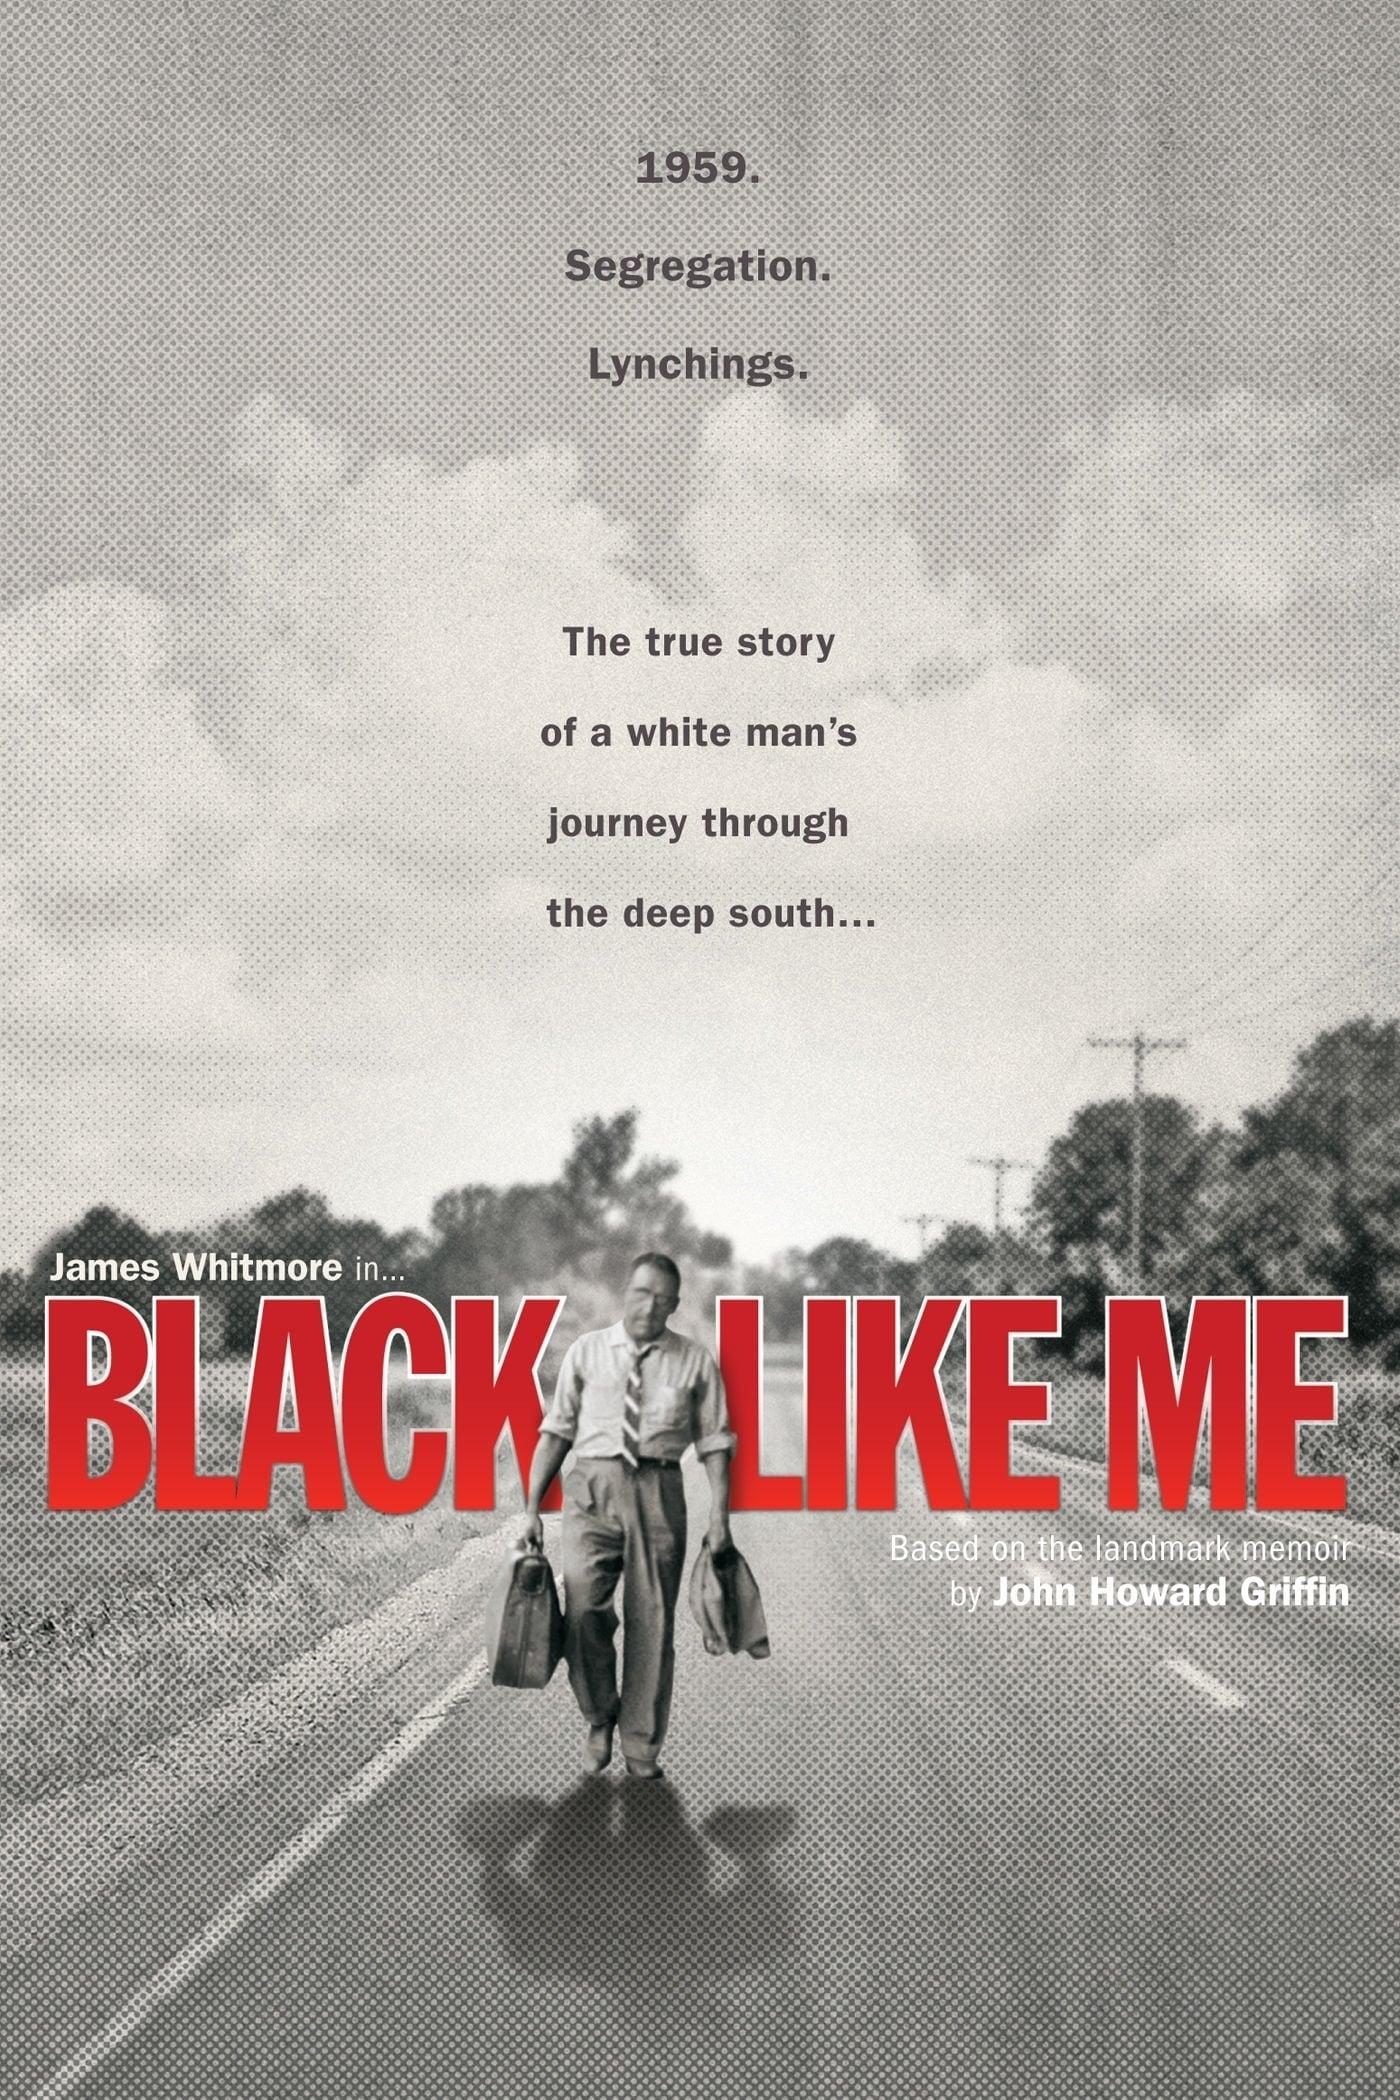 Book Black Like Me